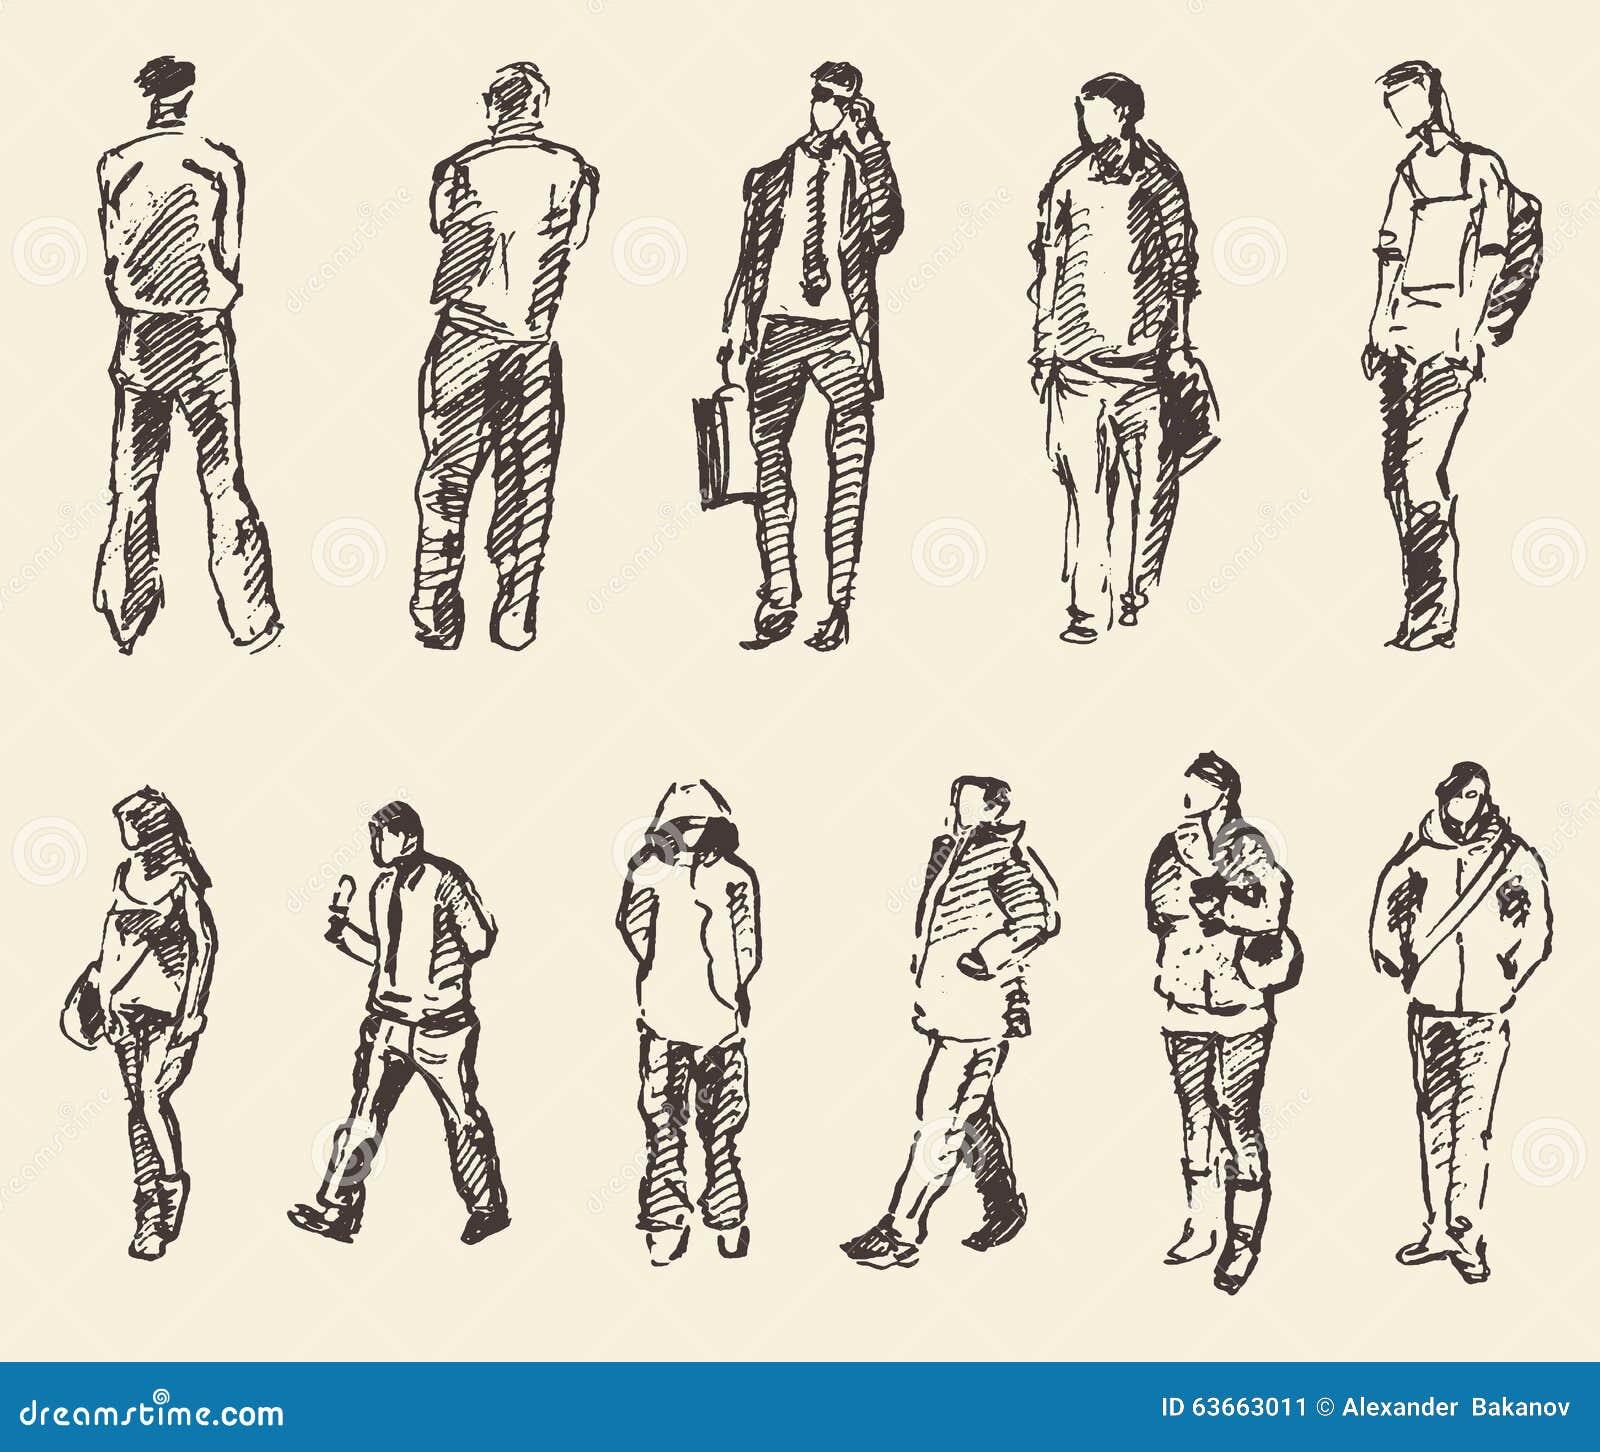 Extrêmement Croquis Du Dessin De Main D'illustration De Vecteur De Personnes  XX23